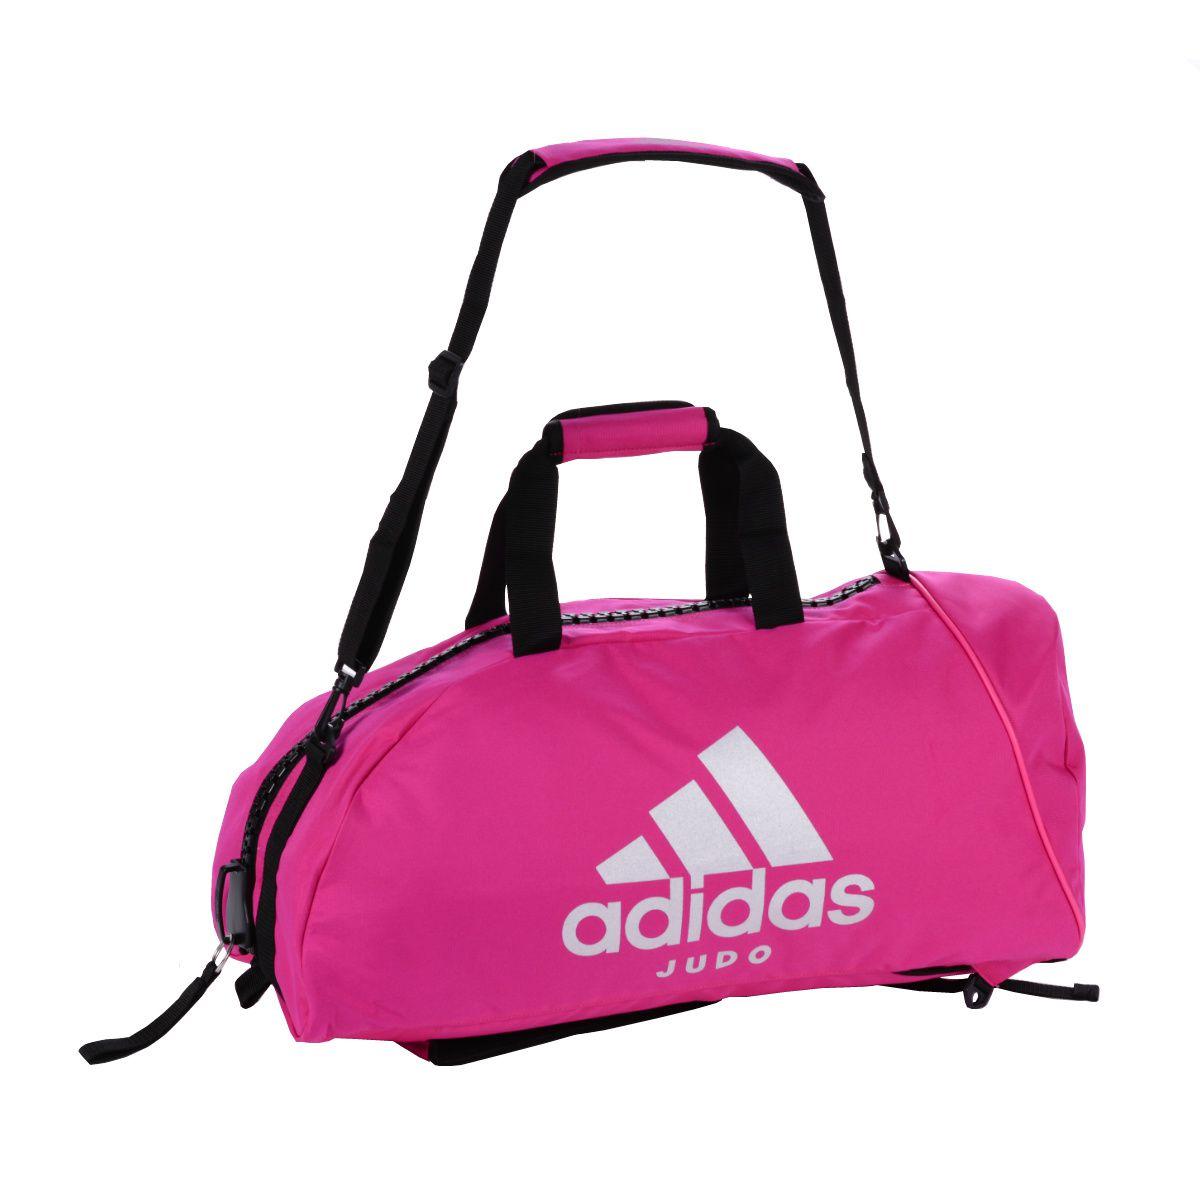 Adidas Titanes 2 1 Em Judo Esportes Bolsa M Rosa Feminina derCBox